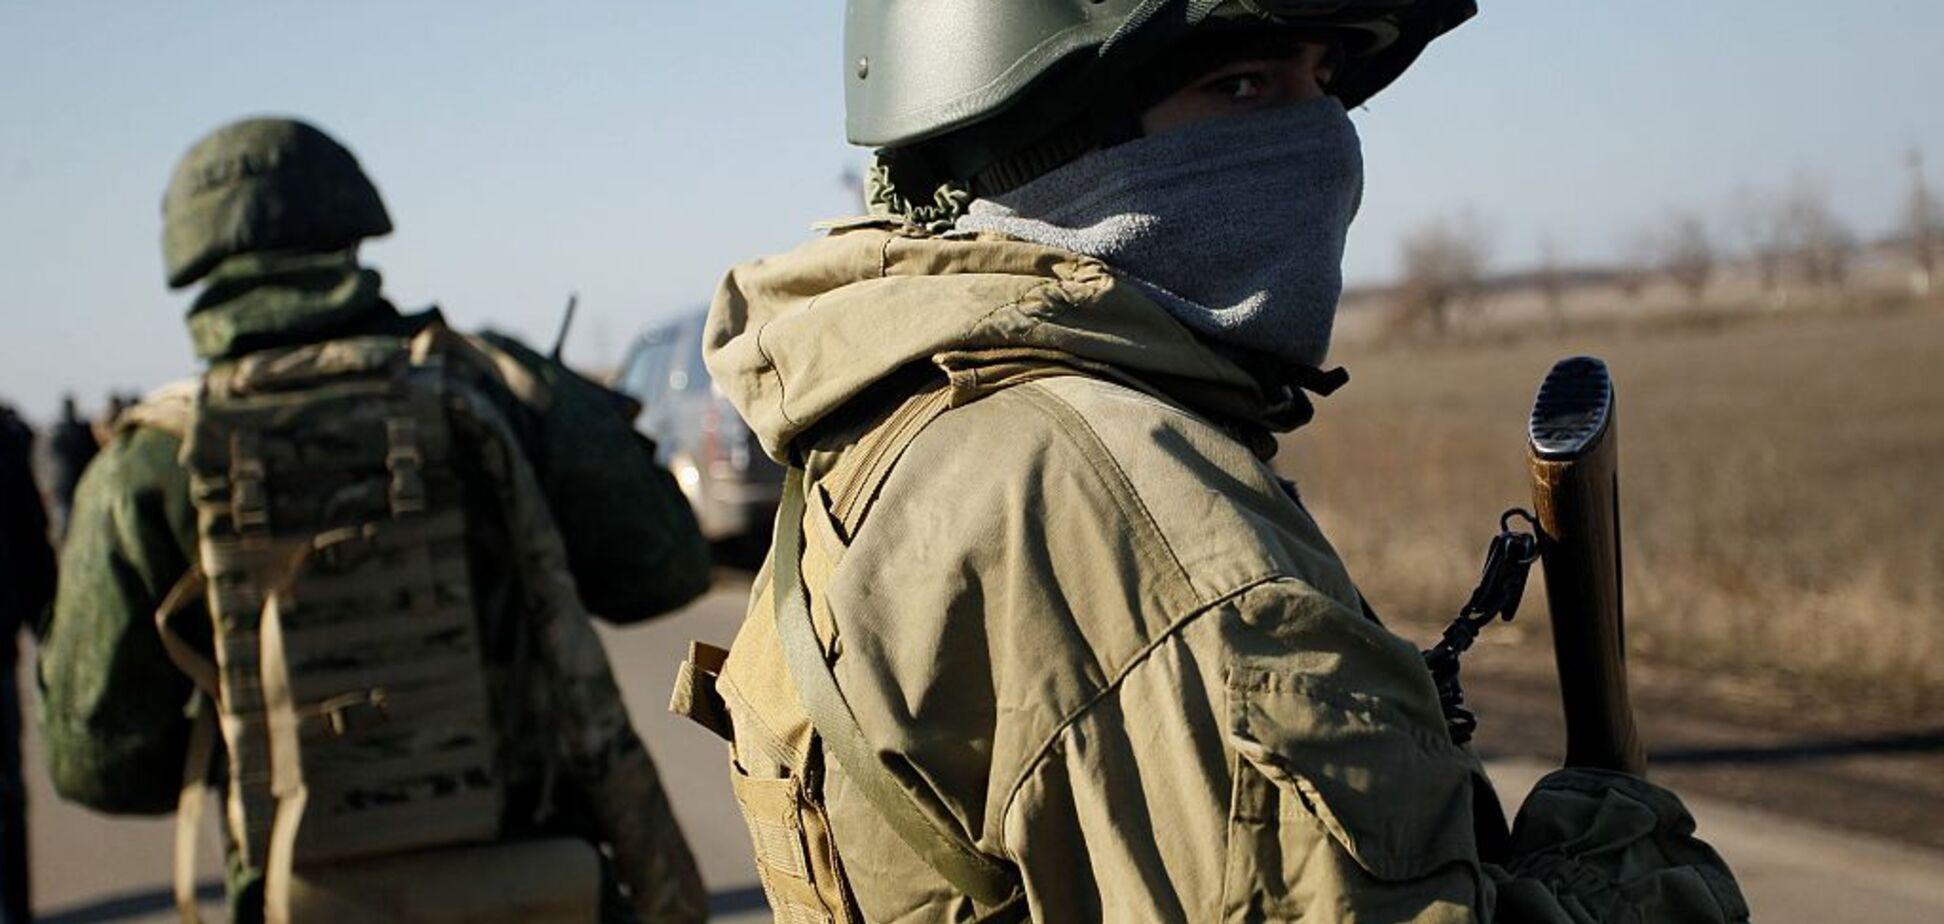 Ихтамнет: разоблачена хитрость Путина с его 'личной армией' на Донбассе